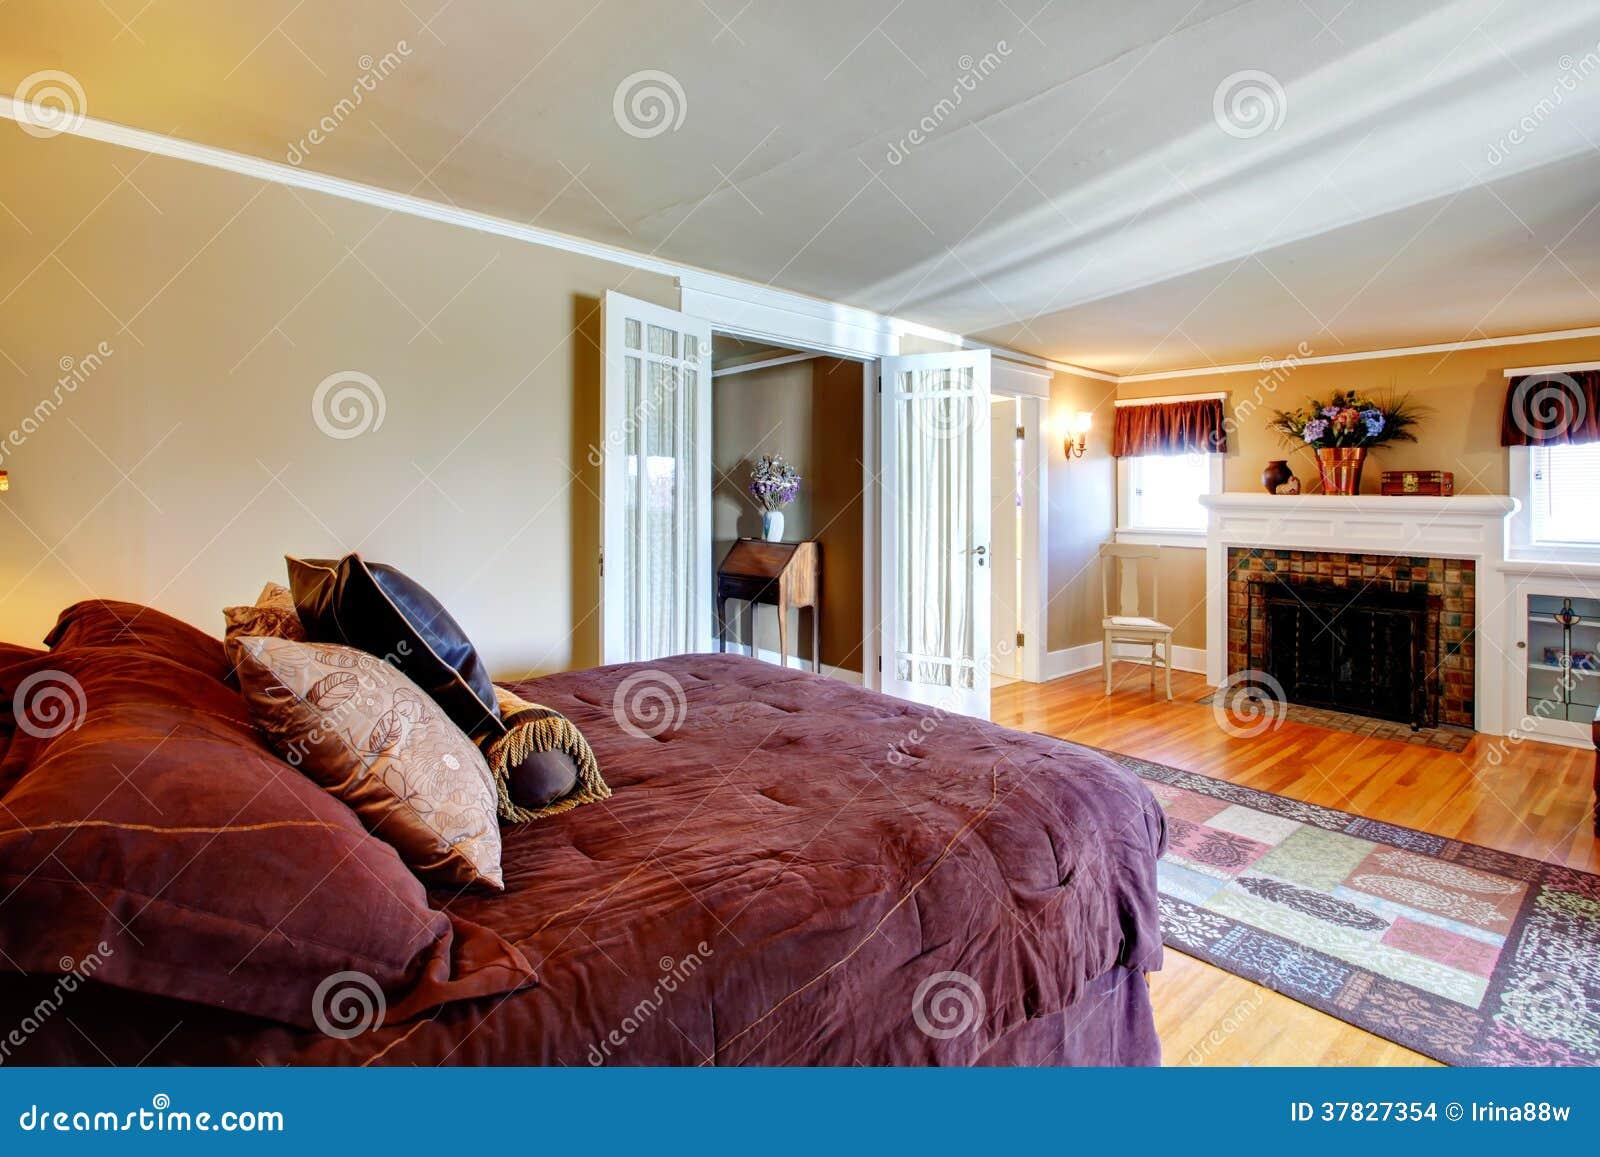 Camera da letto comoda con il camino fotografia stock - Camera da letto con camino ...